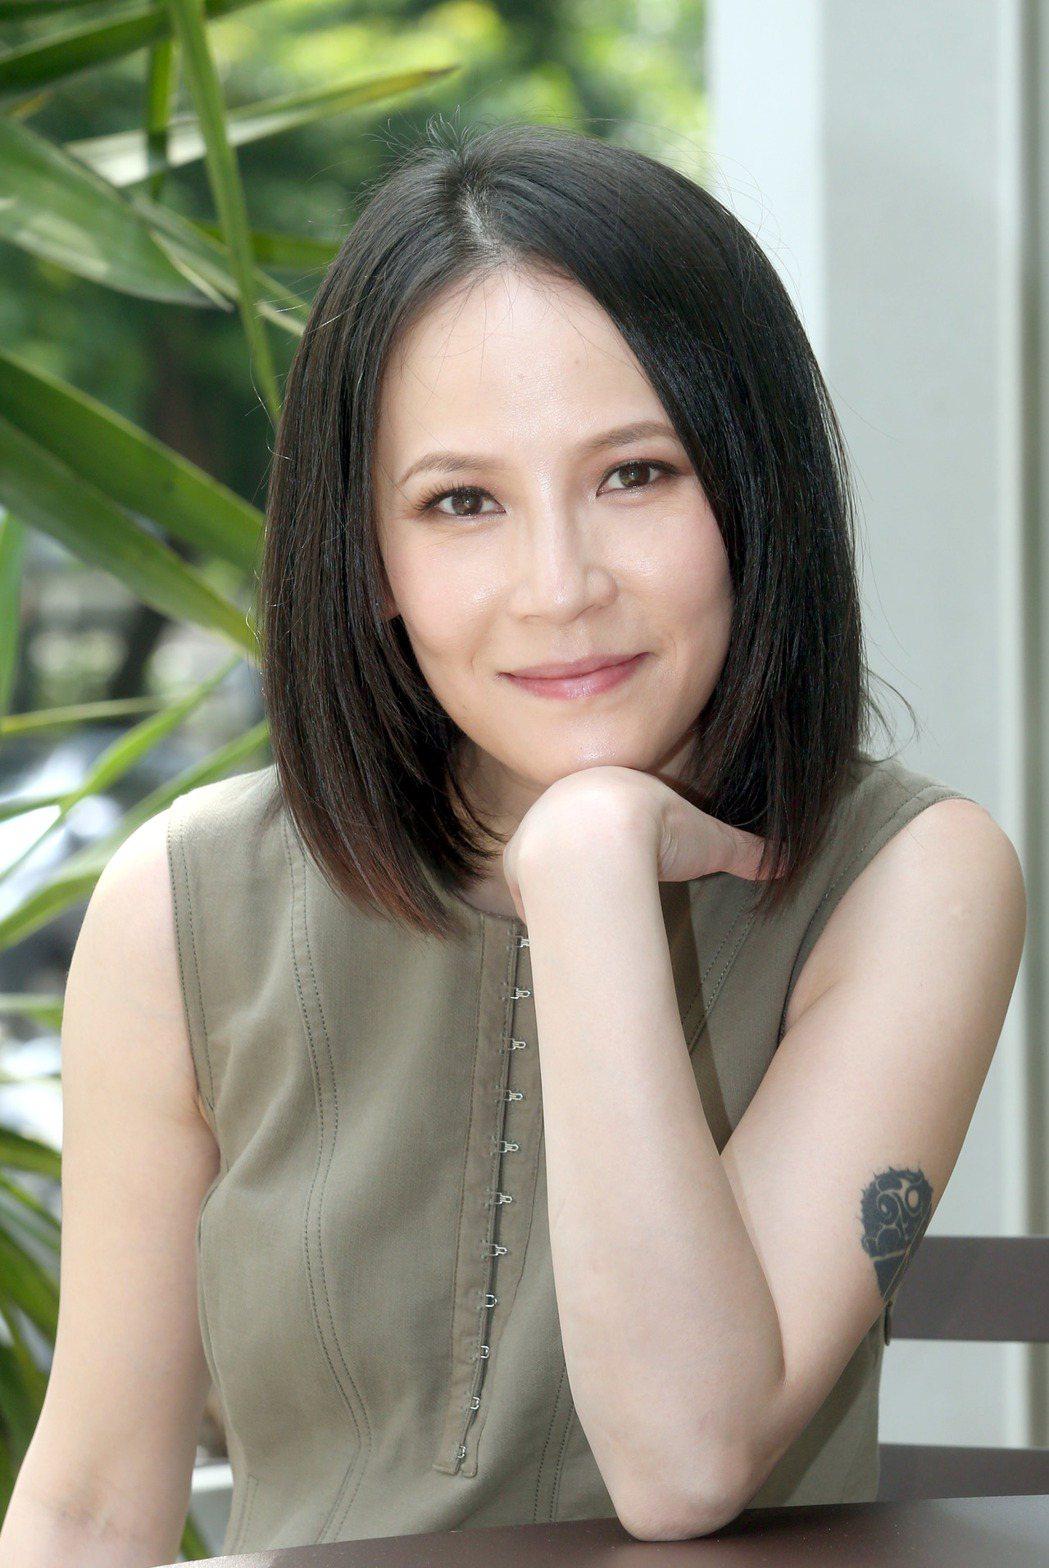 楊乃文入圍本屆金曲獎最佳國語女歌手。記者屠惠剛/攝影